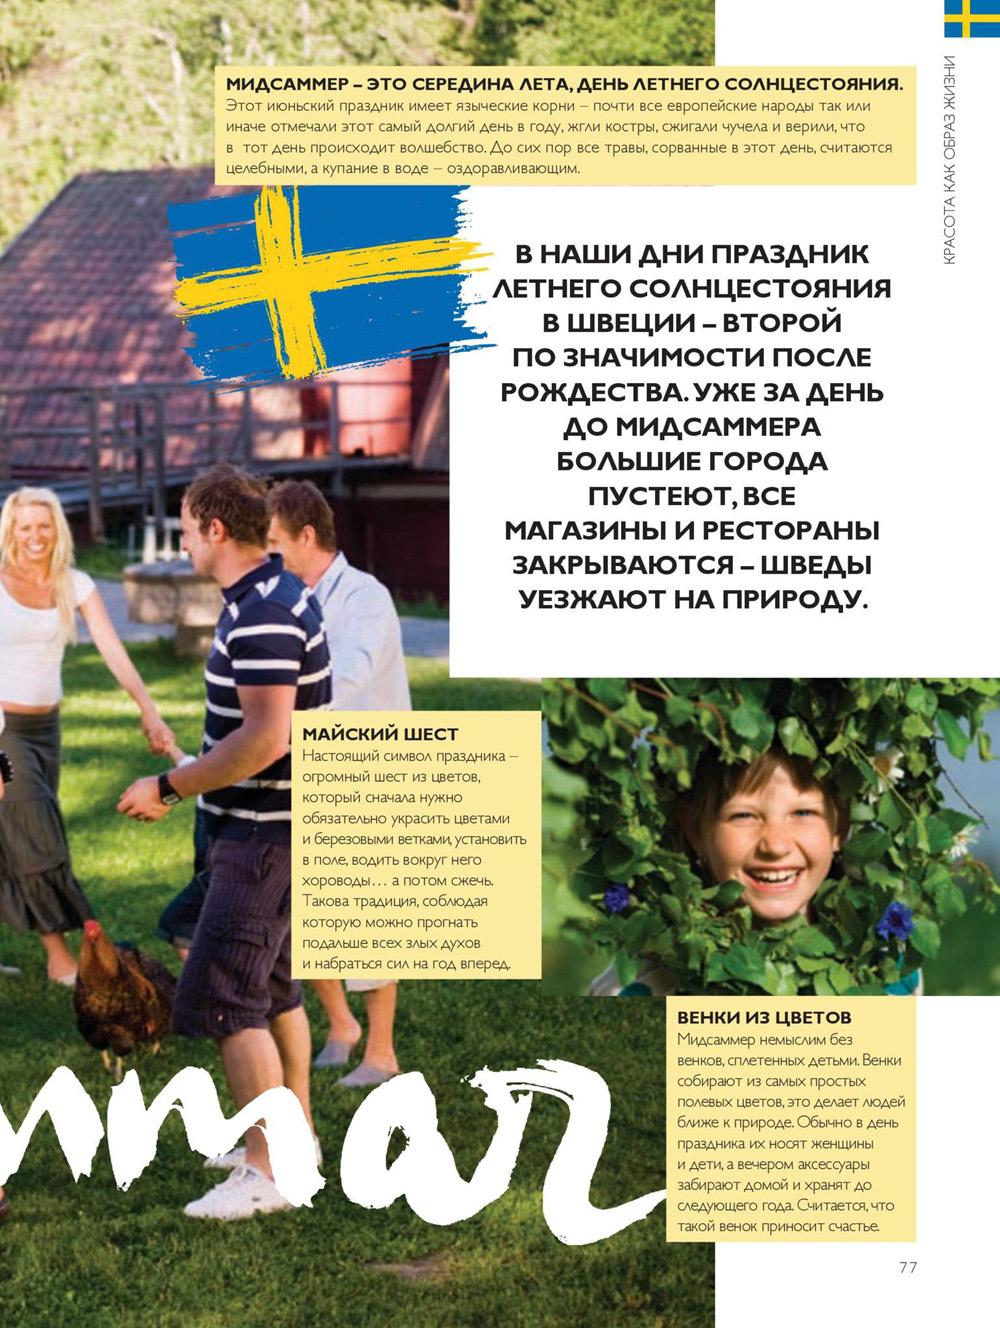 Старица 77, книга красоты Орифлейм Лето 2018, Россия